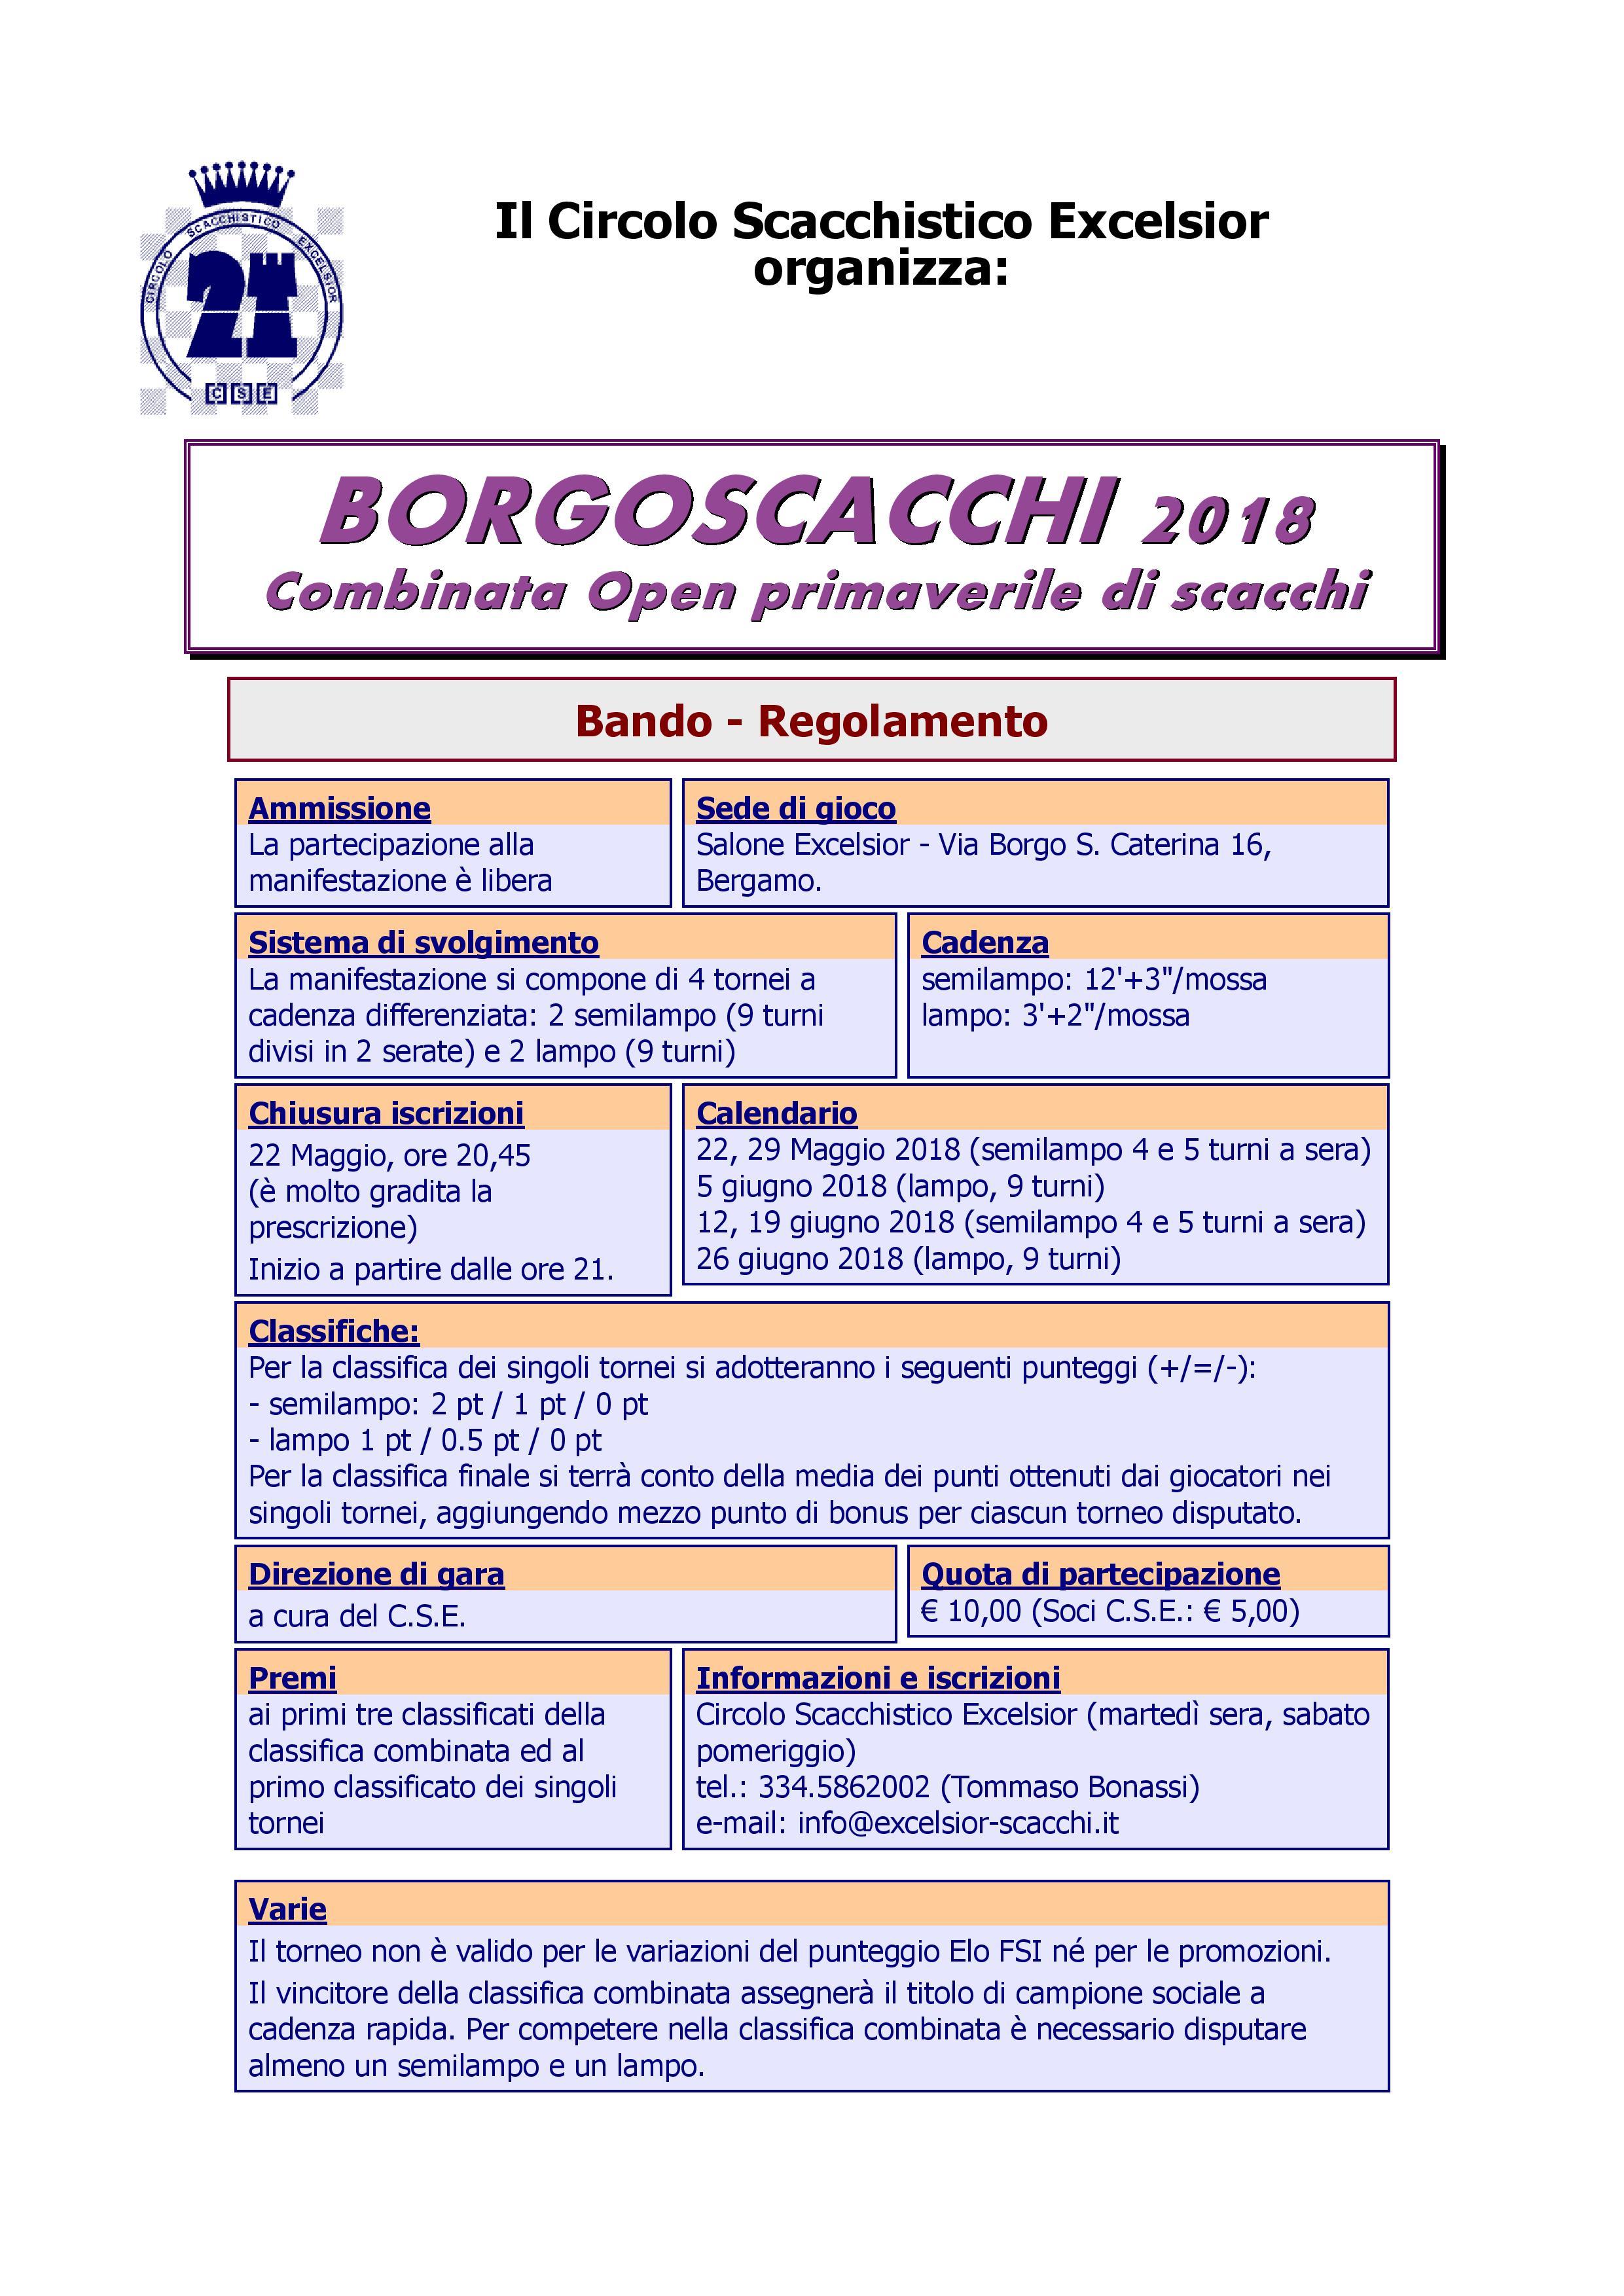 Calendario Tornei Scacchi.Circolo Scacchistico Excelsior Blog Archive Borgoscacchi